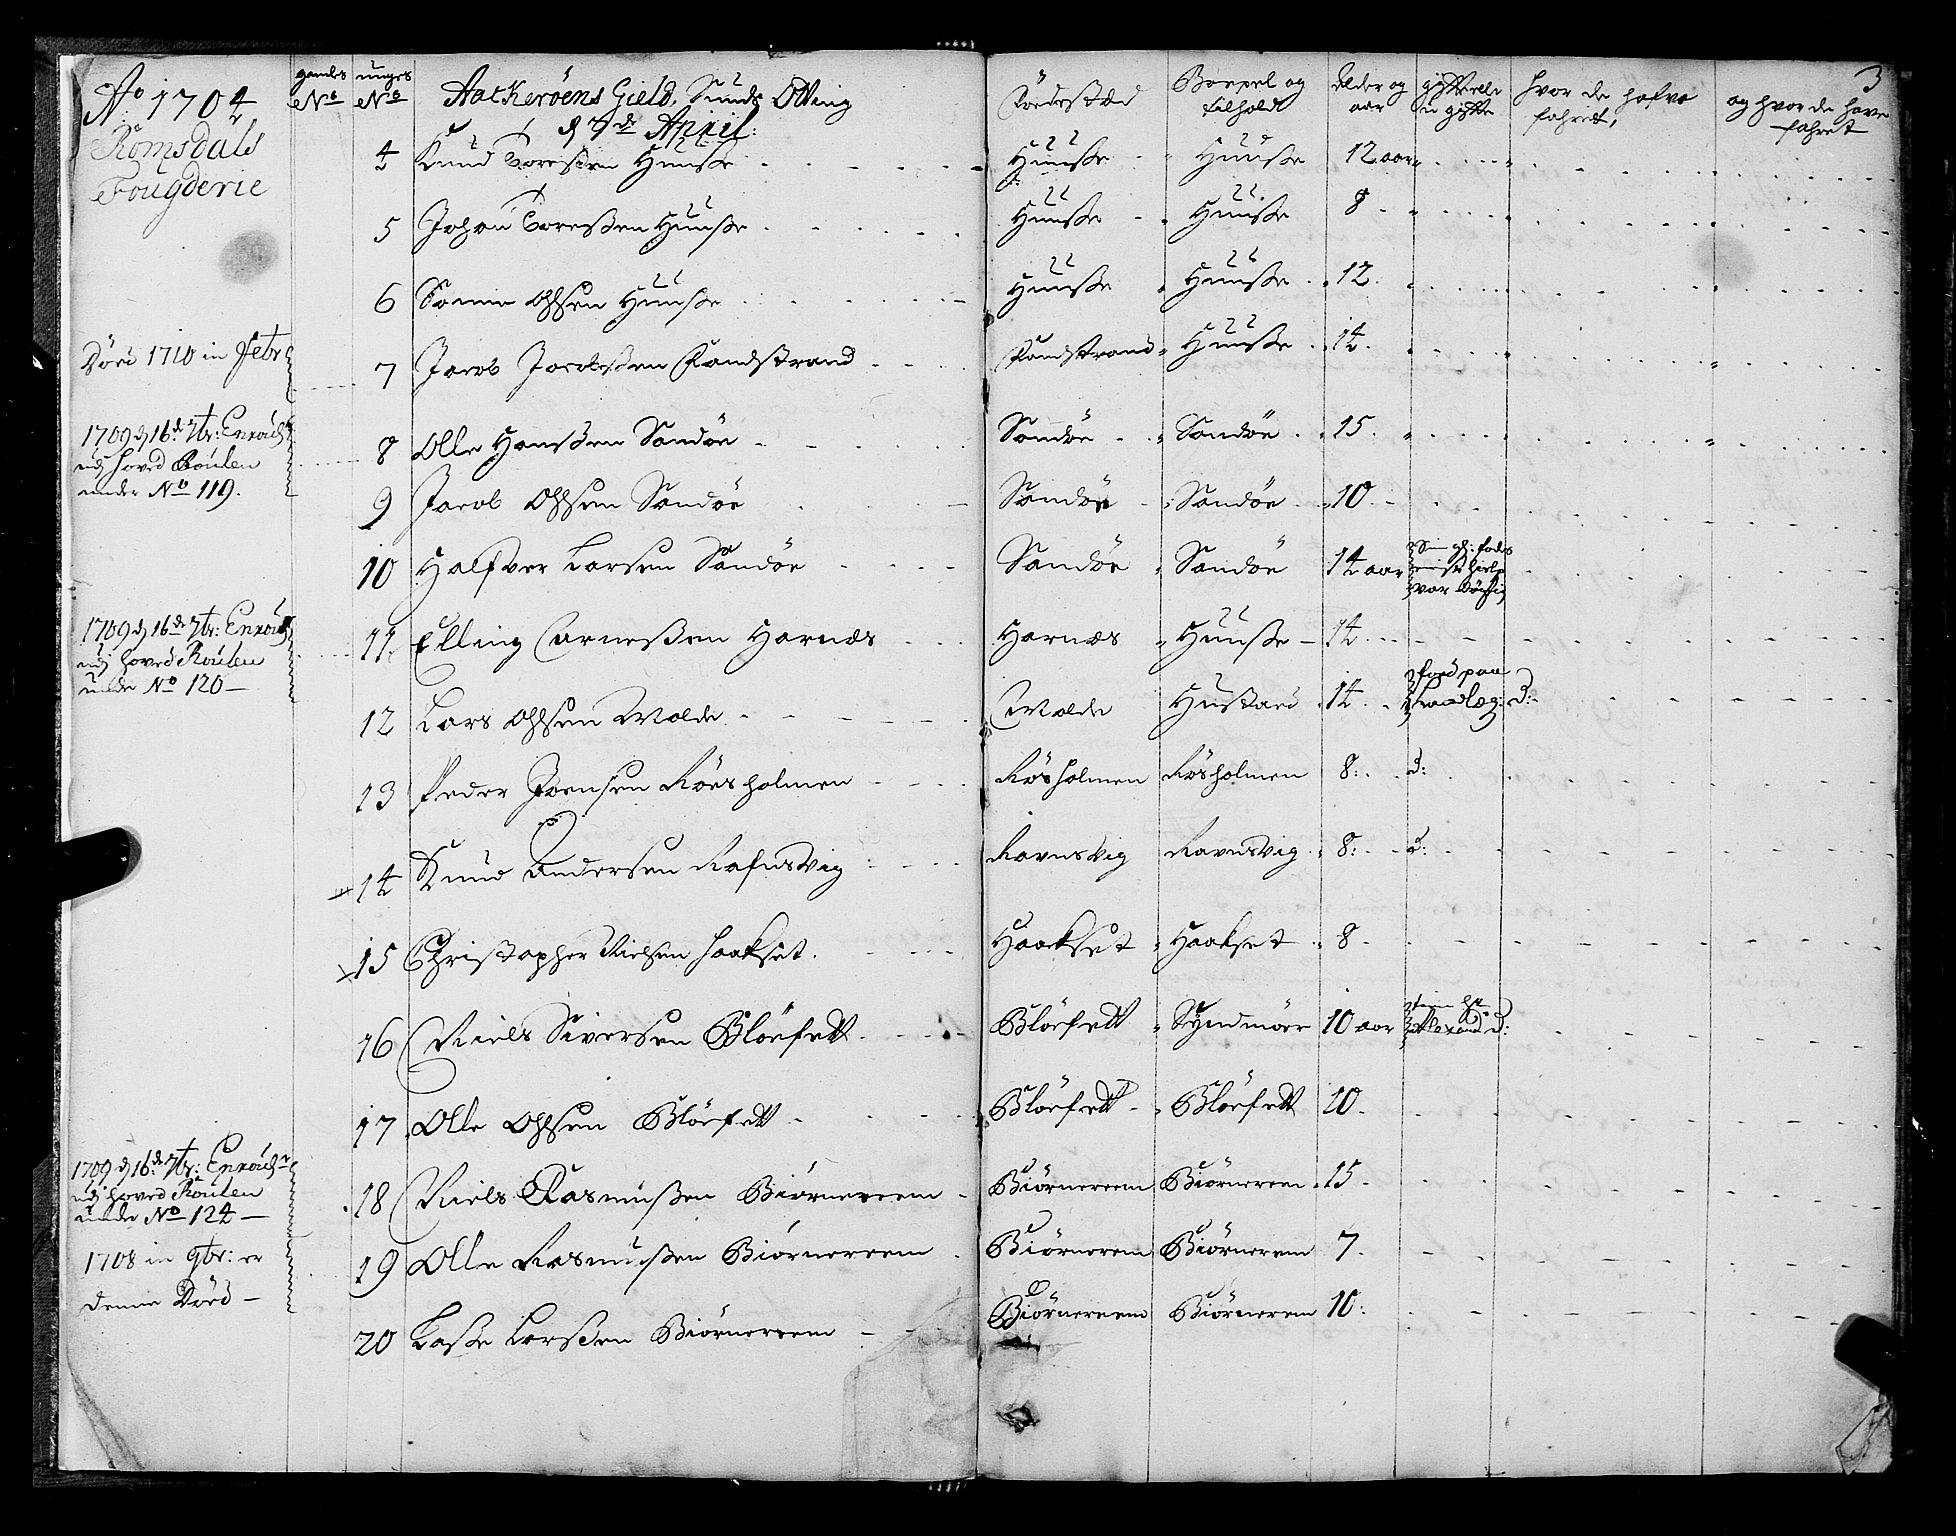 SAT, Sjøinnrulleringen - Trondhjemske distrikt, 01/L0004: Ruller over sjøfolk i Trondhjem by, 1704-1710, s. 3